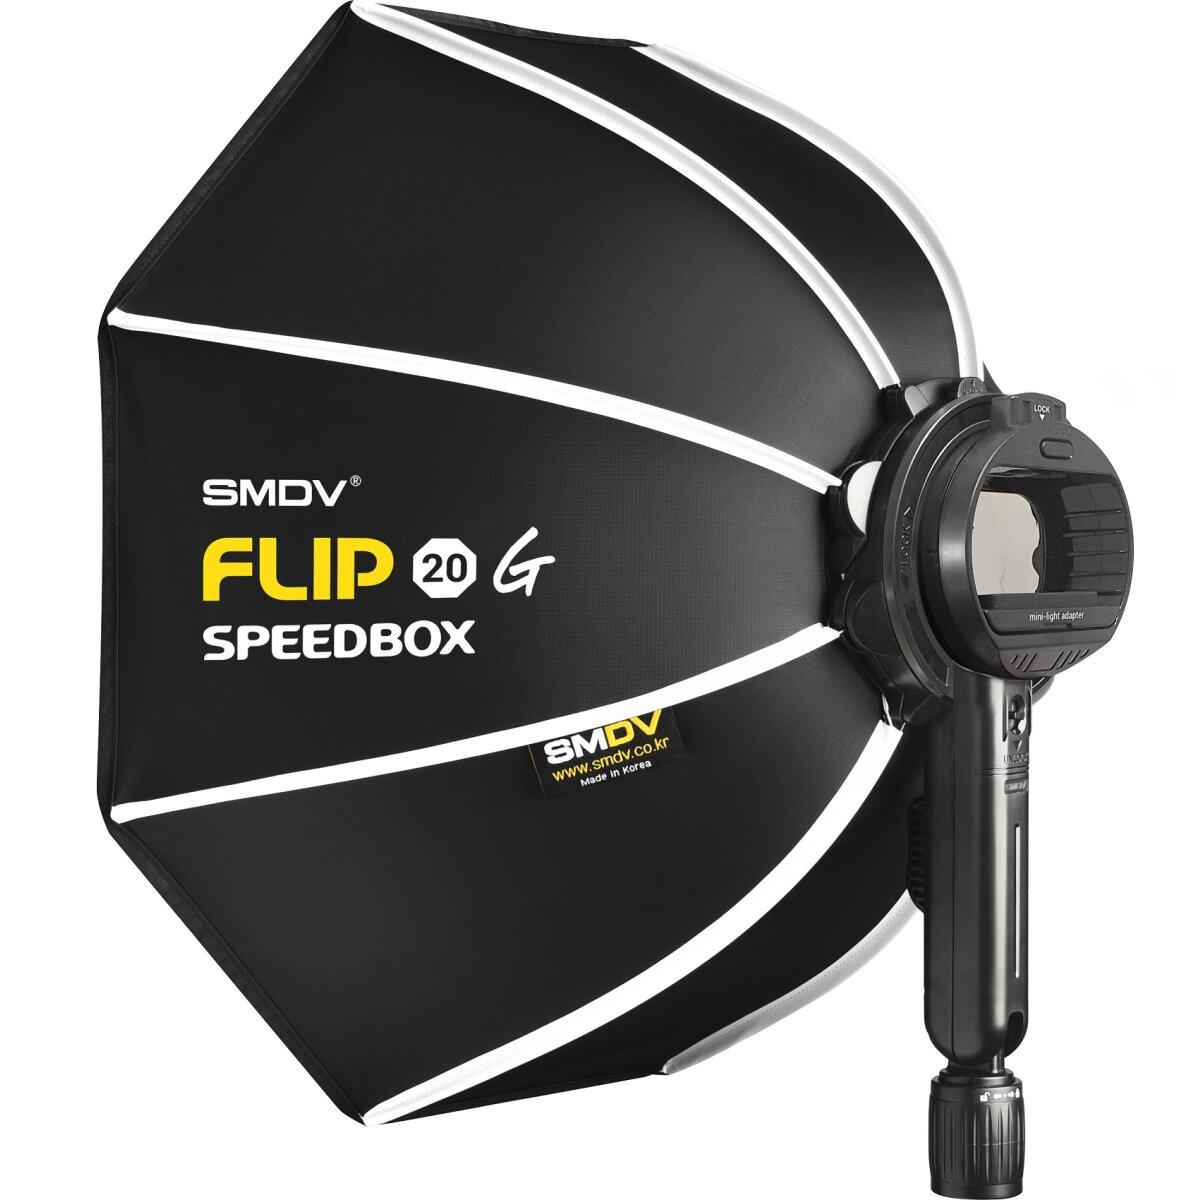 Impulsfoto SMDV Innovative Softbox Speedbox-Flip20 - 50cm | 440 x 130 mm | Erste Klappbare Softbox der Welt | Winkel Verstellbar | Anpassbarer Speedlite-Adapter